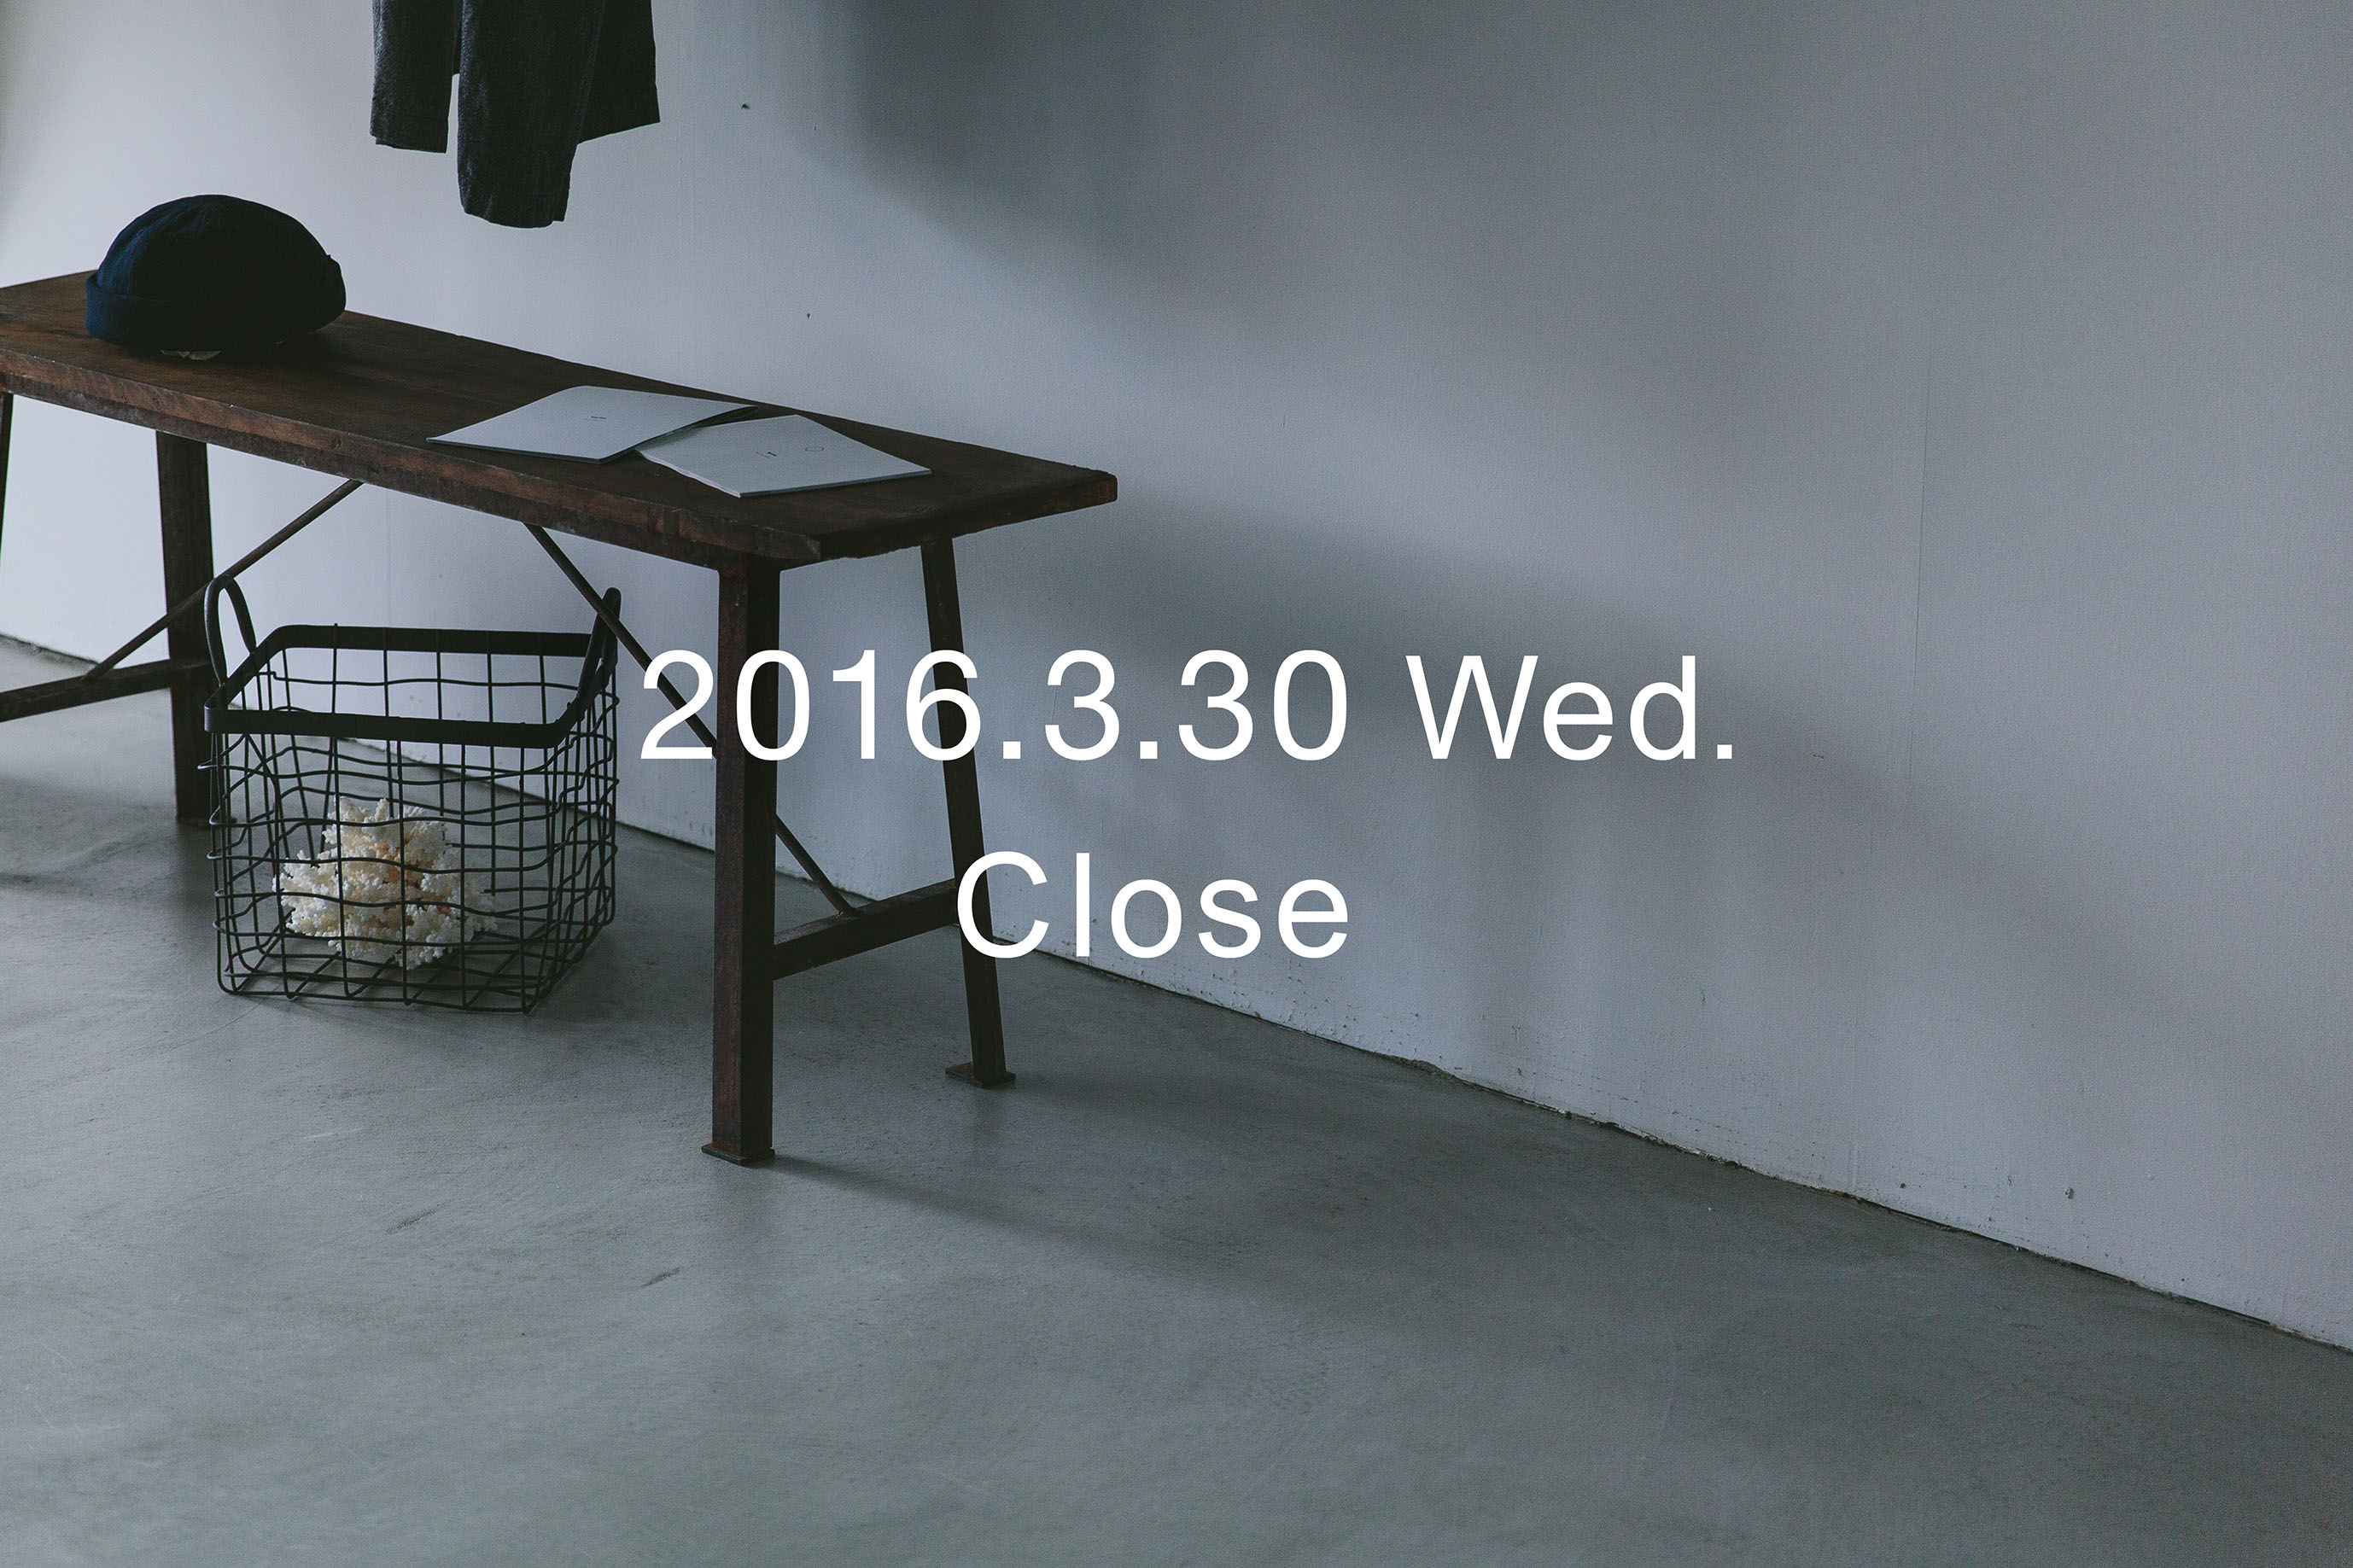 SS-Close_20160330